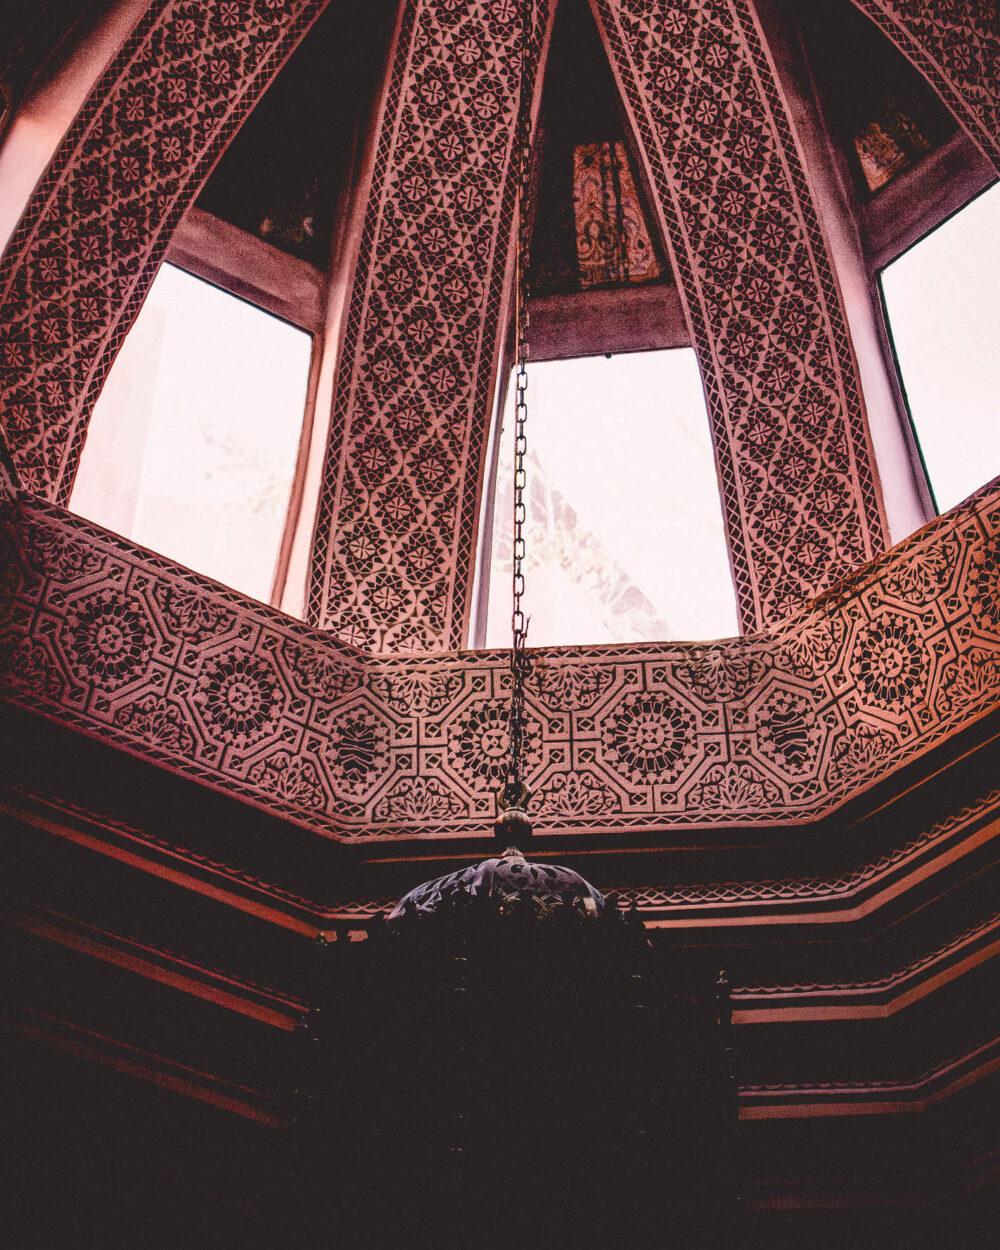 Die Kuppel eines Riads in Marrakesch von Innen